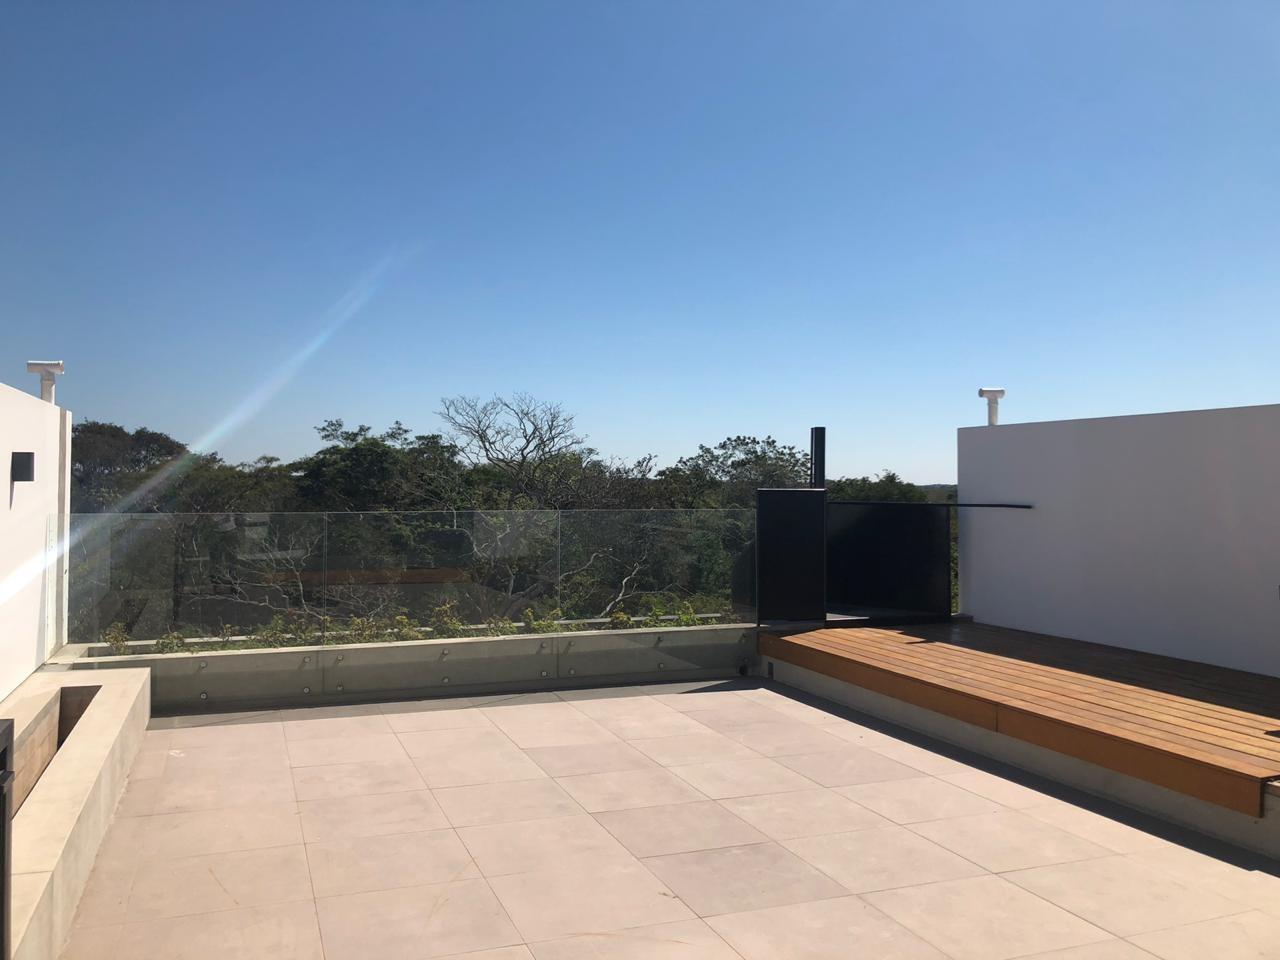 Casa en Alquiler CASA EN ALQUILER, CONDOMINIO COSTANERA BLUE  Foto 12